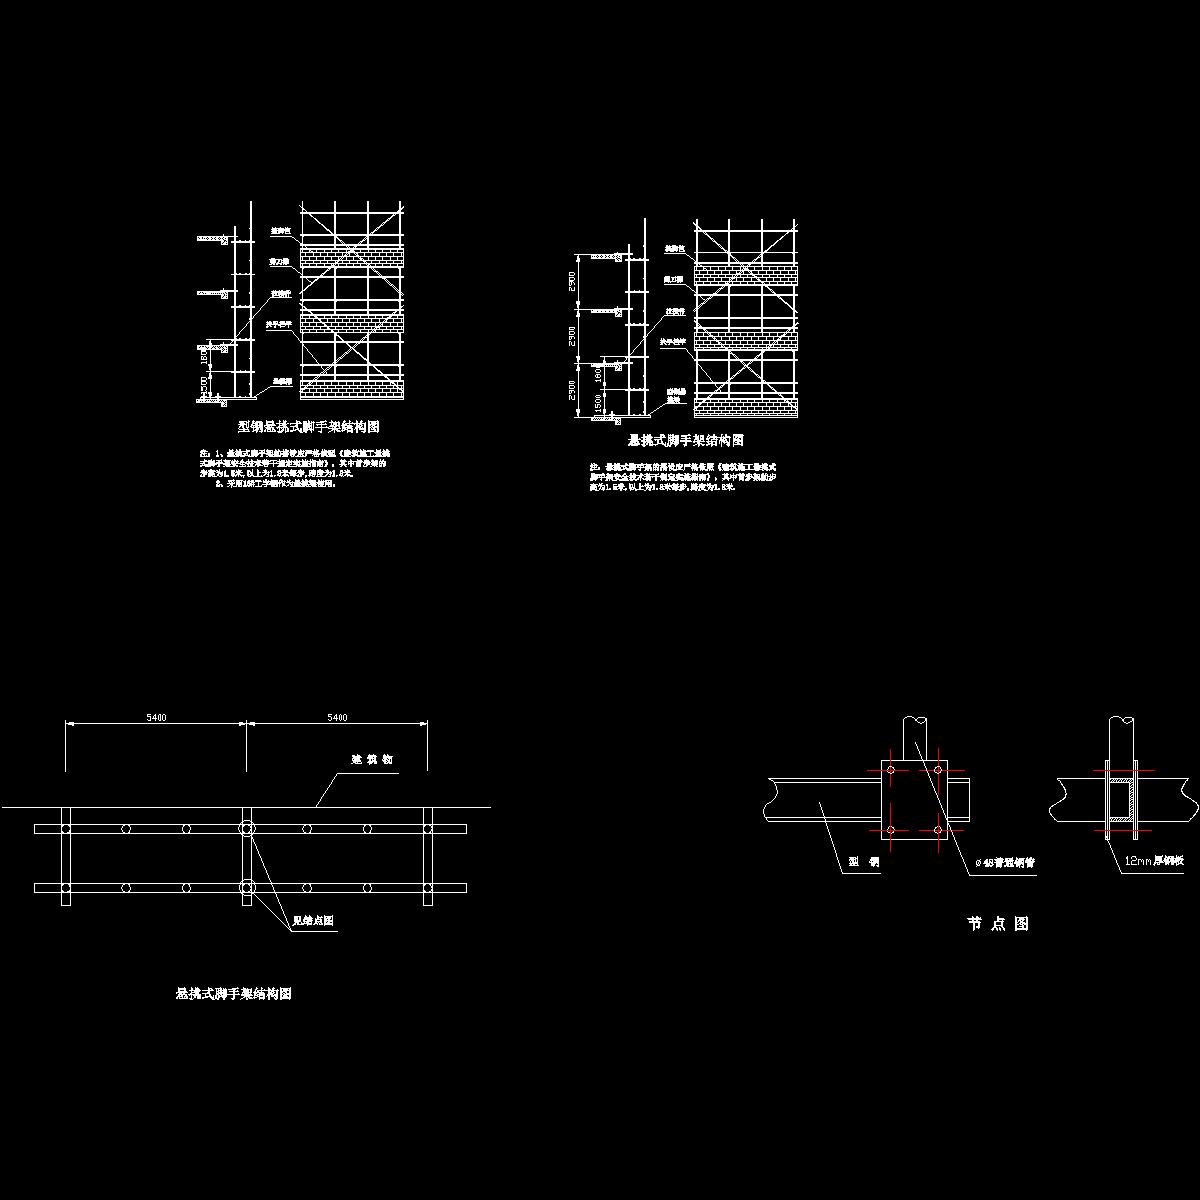 挑架结构图.dwg